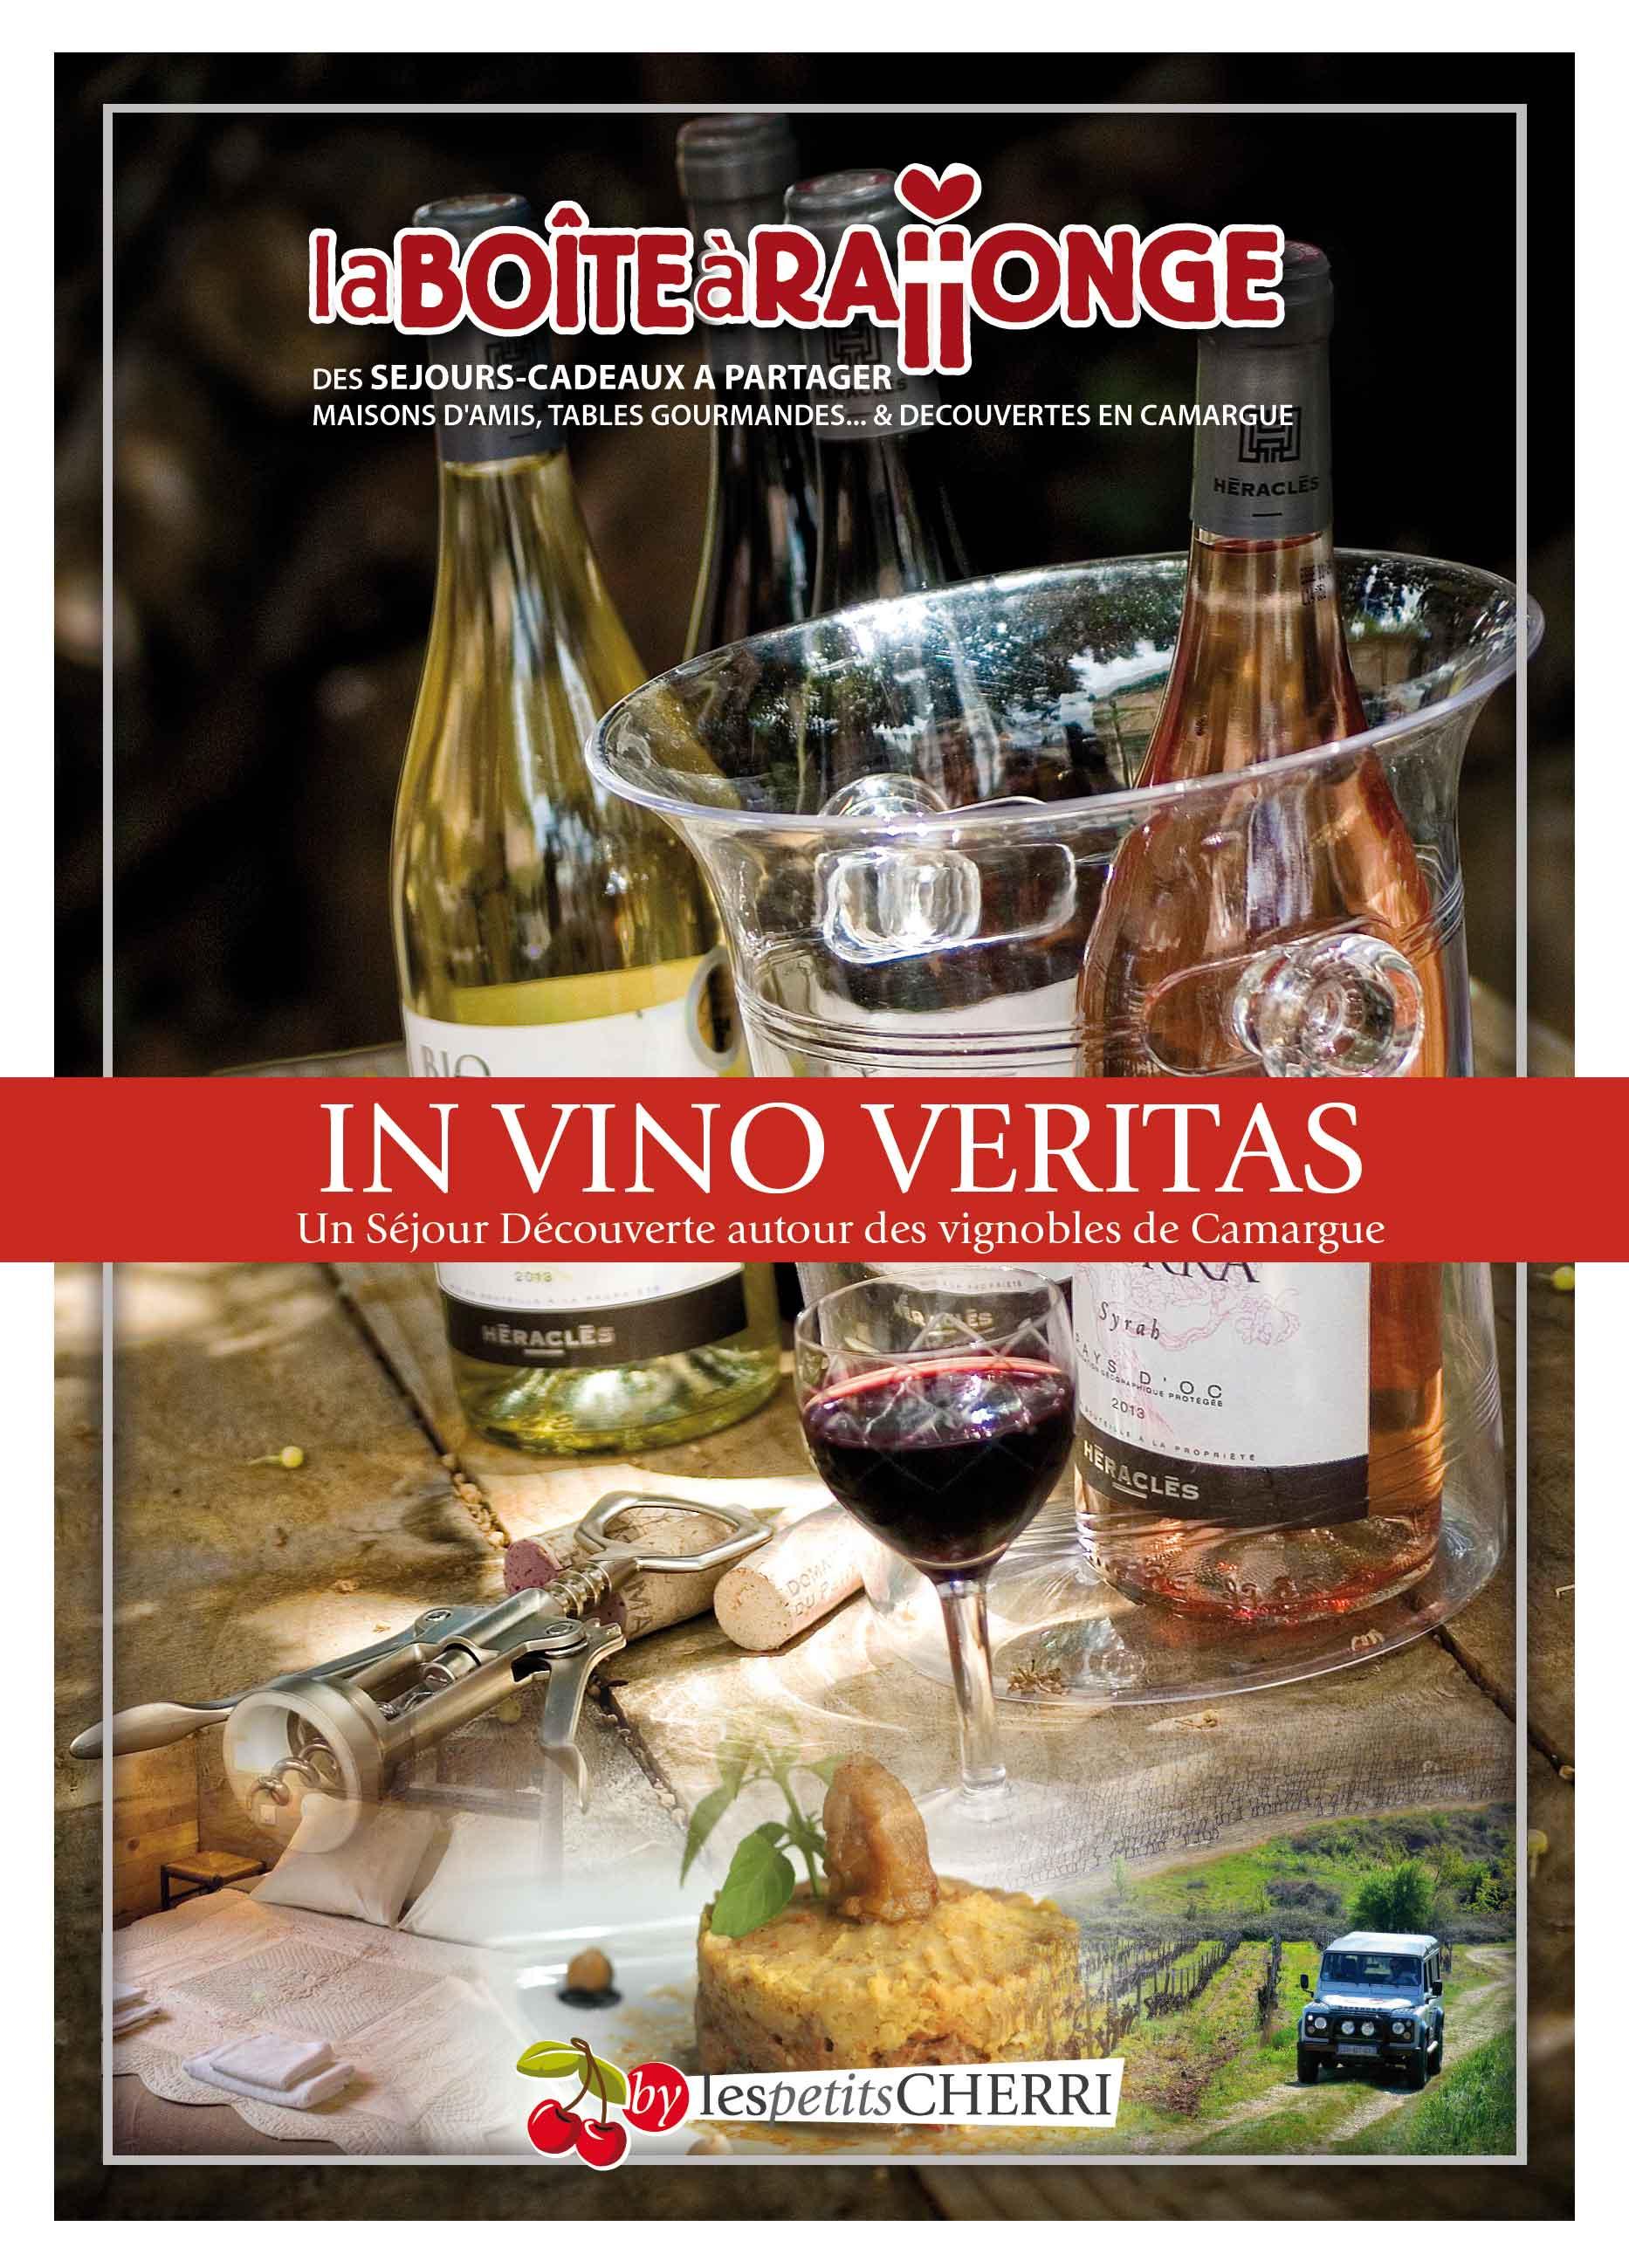 Des séjours cadeau autour du vin et des vignobles de Camargue